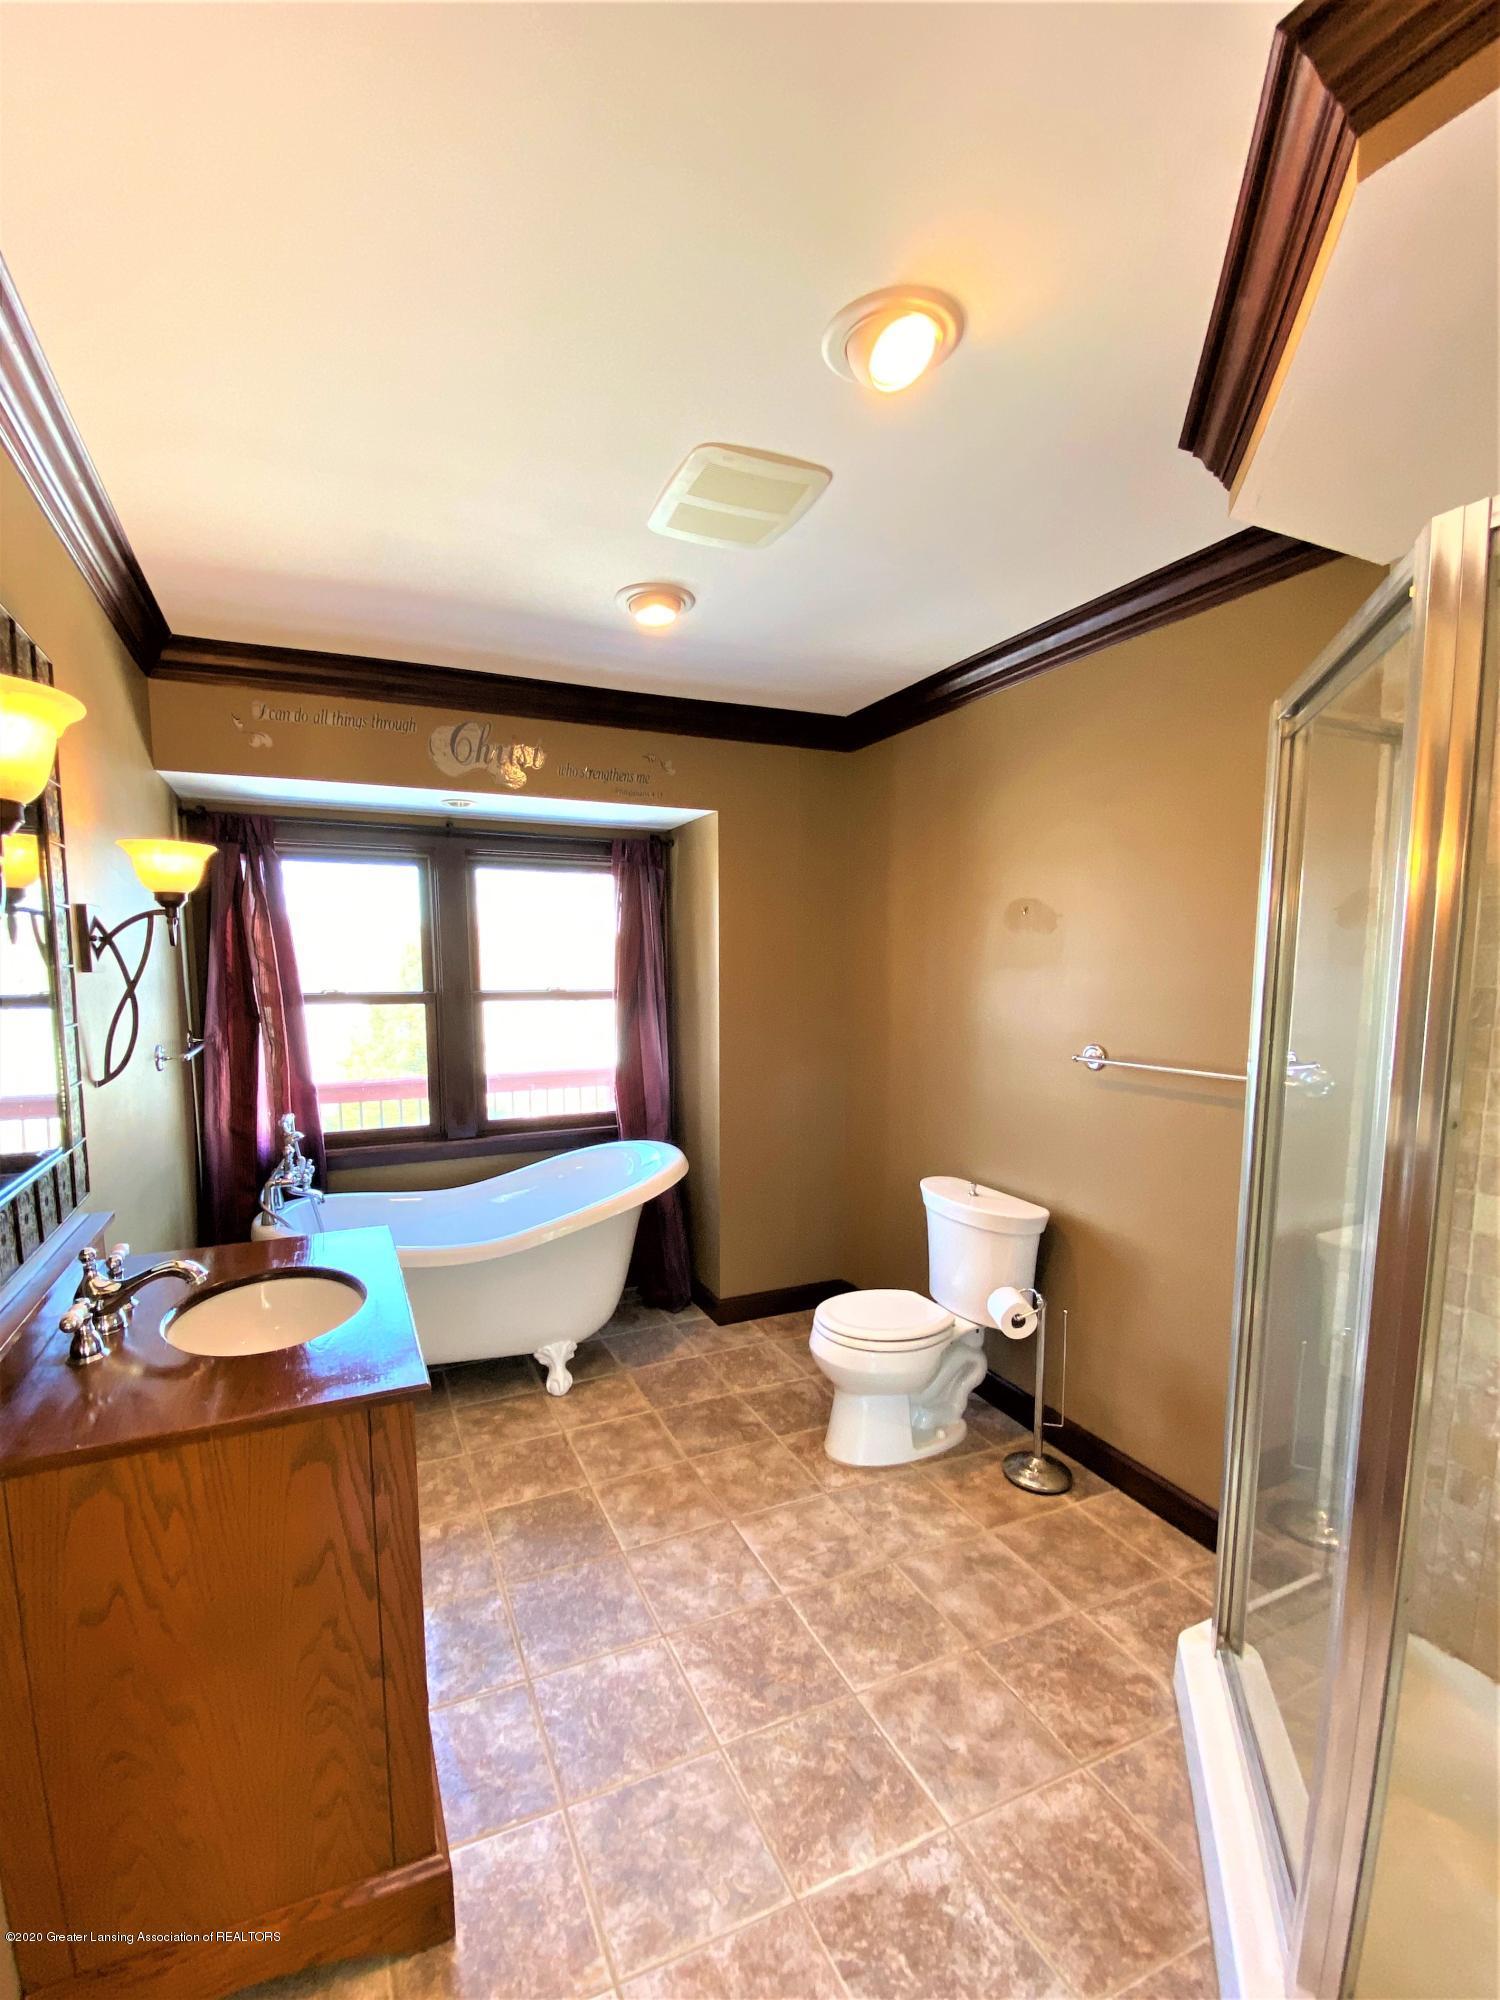 7258 Hollister Rd - Hol Master Bath - 20